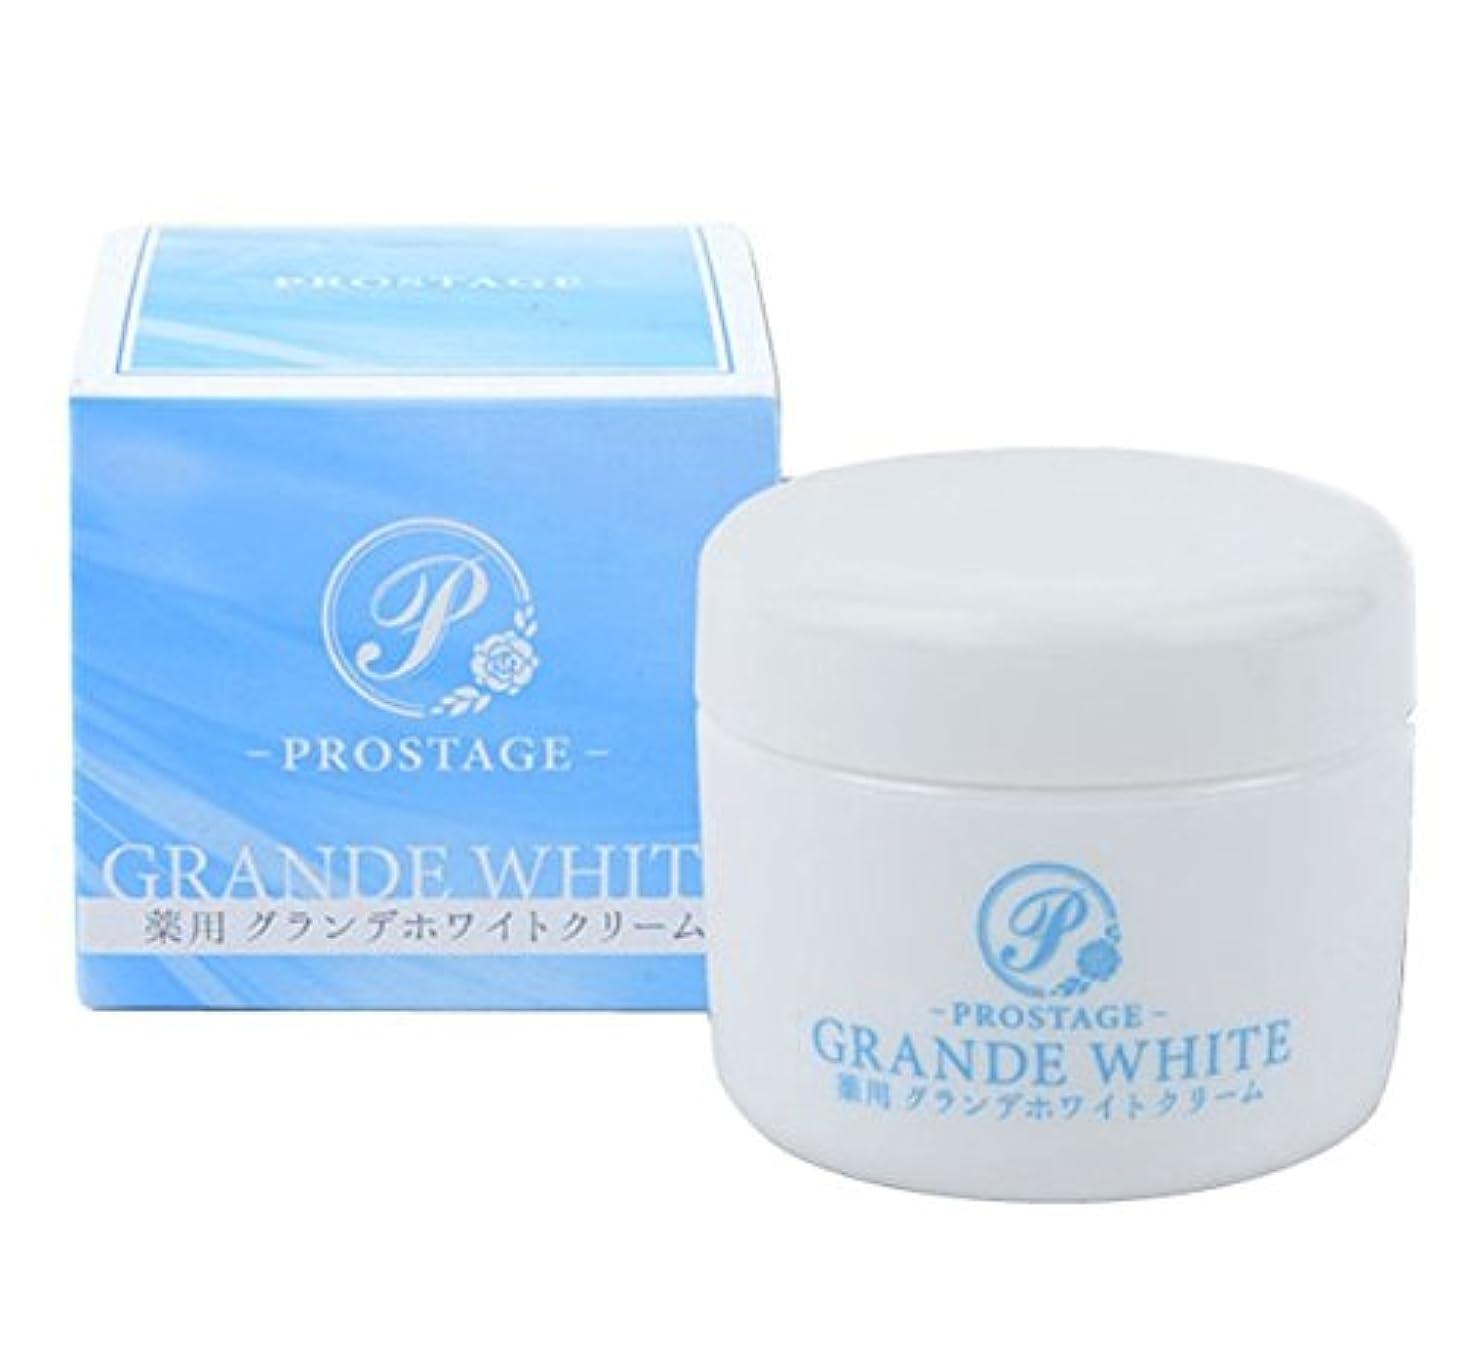 キルトスナップ温かい薬用グランデホワイトクリーム PROSTAGE ホワイトニングクリーム 大容量80g (2個)